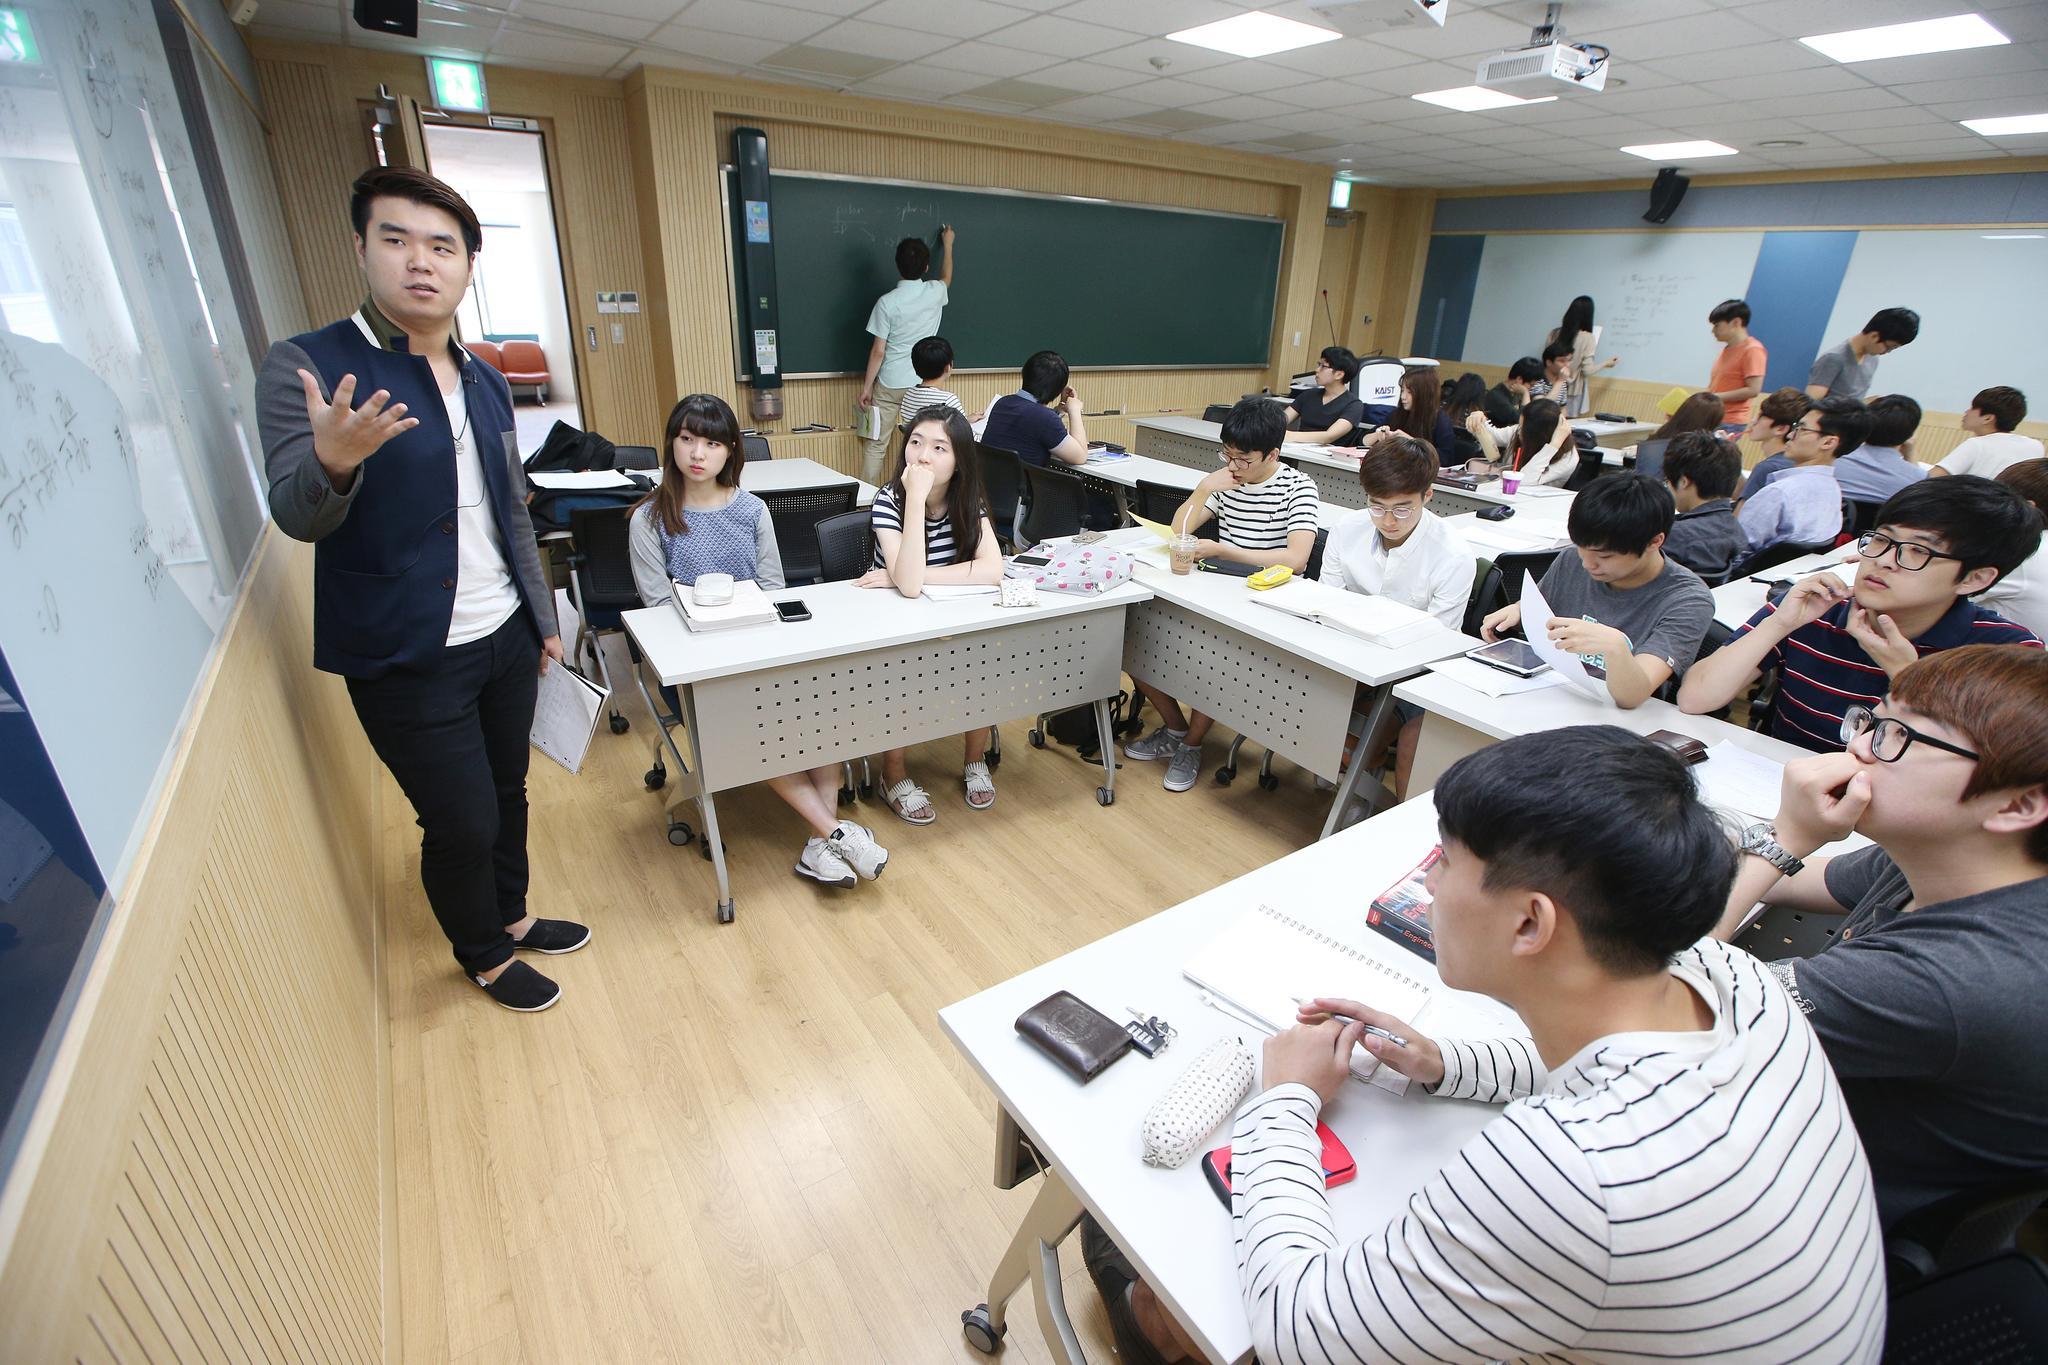 KAIST의 '에듀케이션 3.0' 수업 시간. 교실 세 벽면에 각각 마련된 칠판을 활용해 팀별로 발표·토론을 한다. [중앙포토]